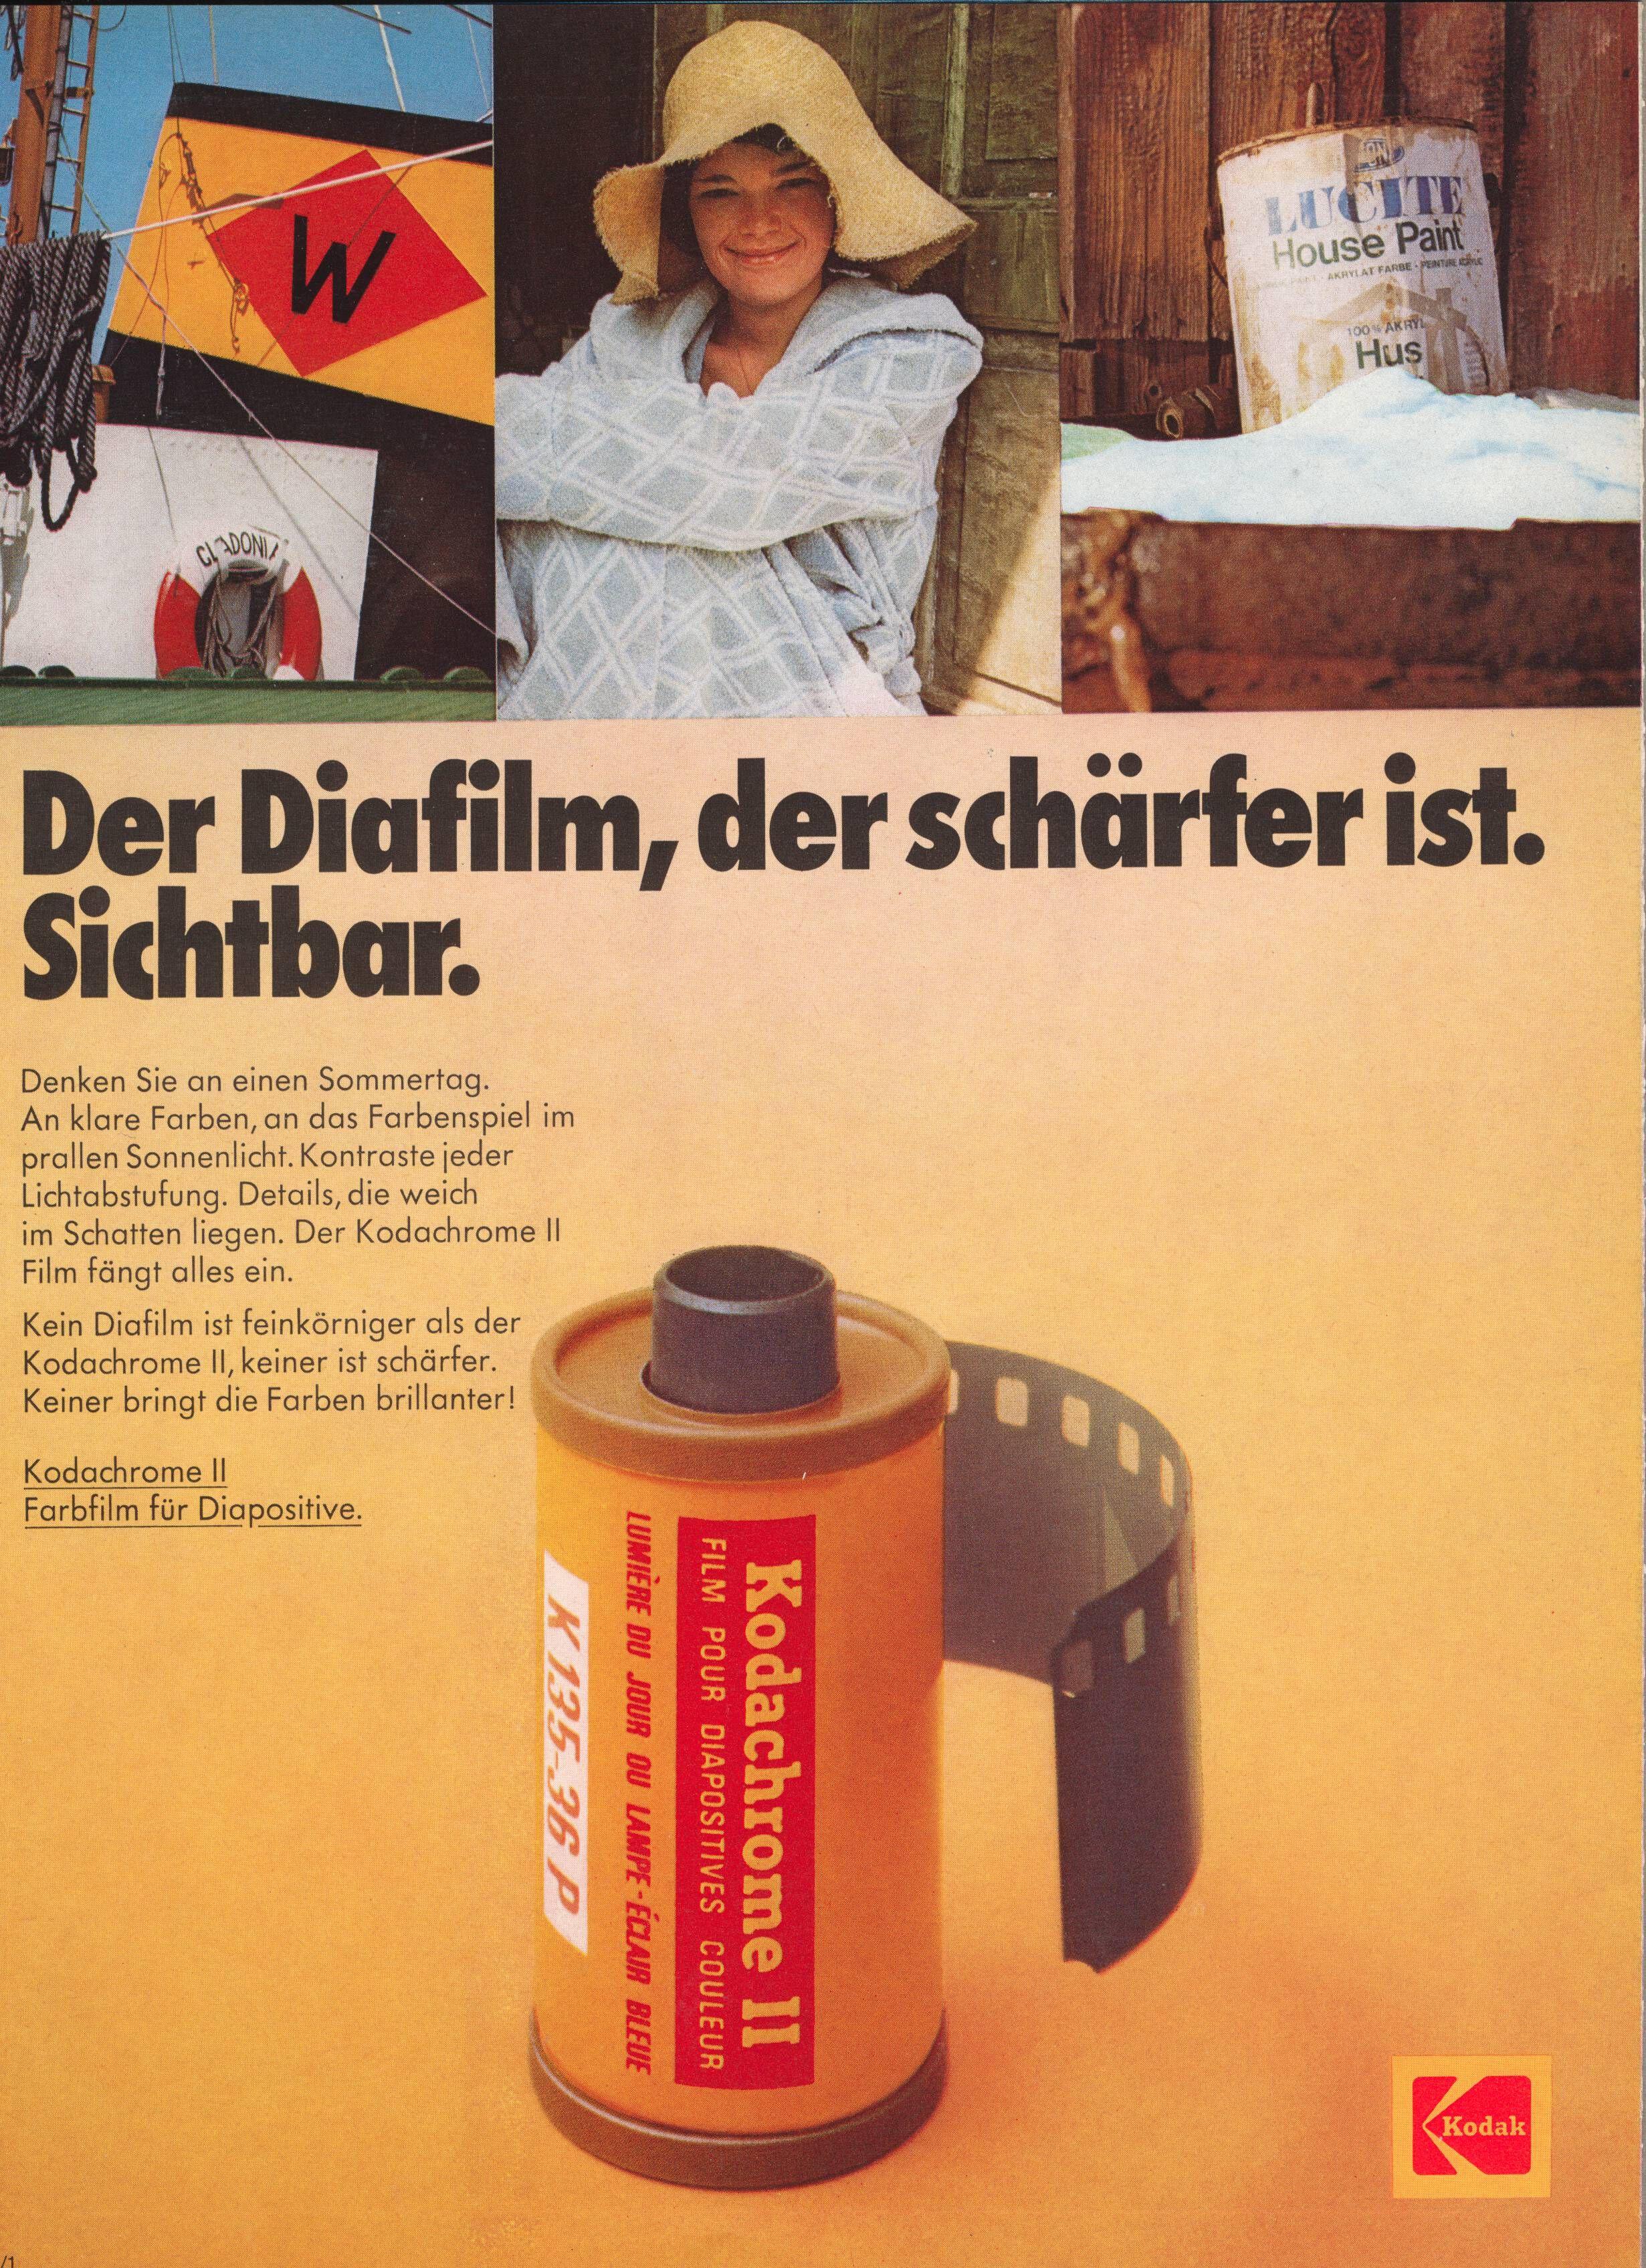 Kodak Kodachrome Ii Werbung Von 1973 Werbung Filme Farbenspiel